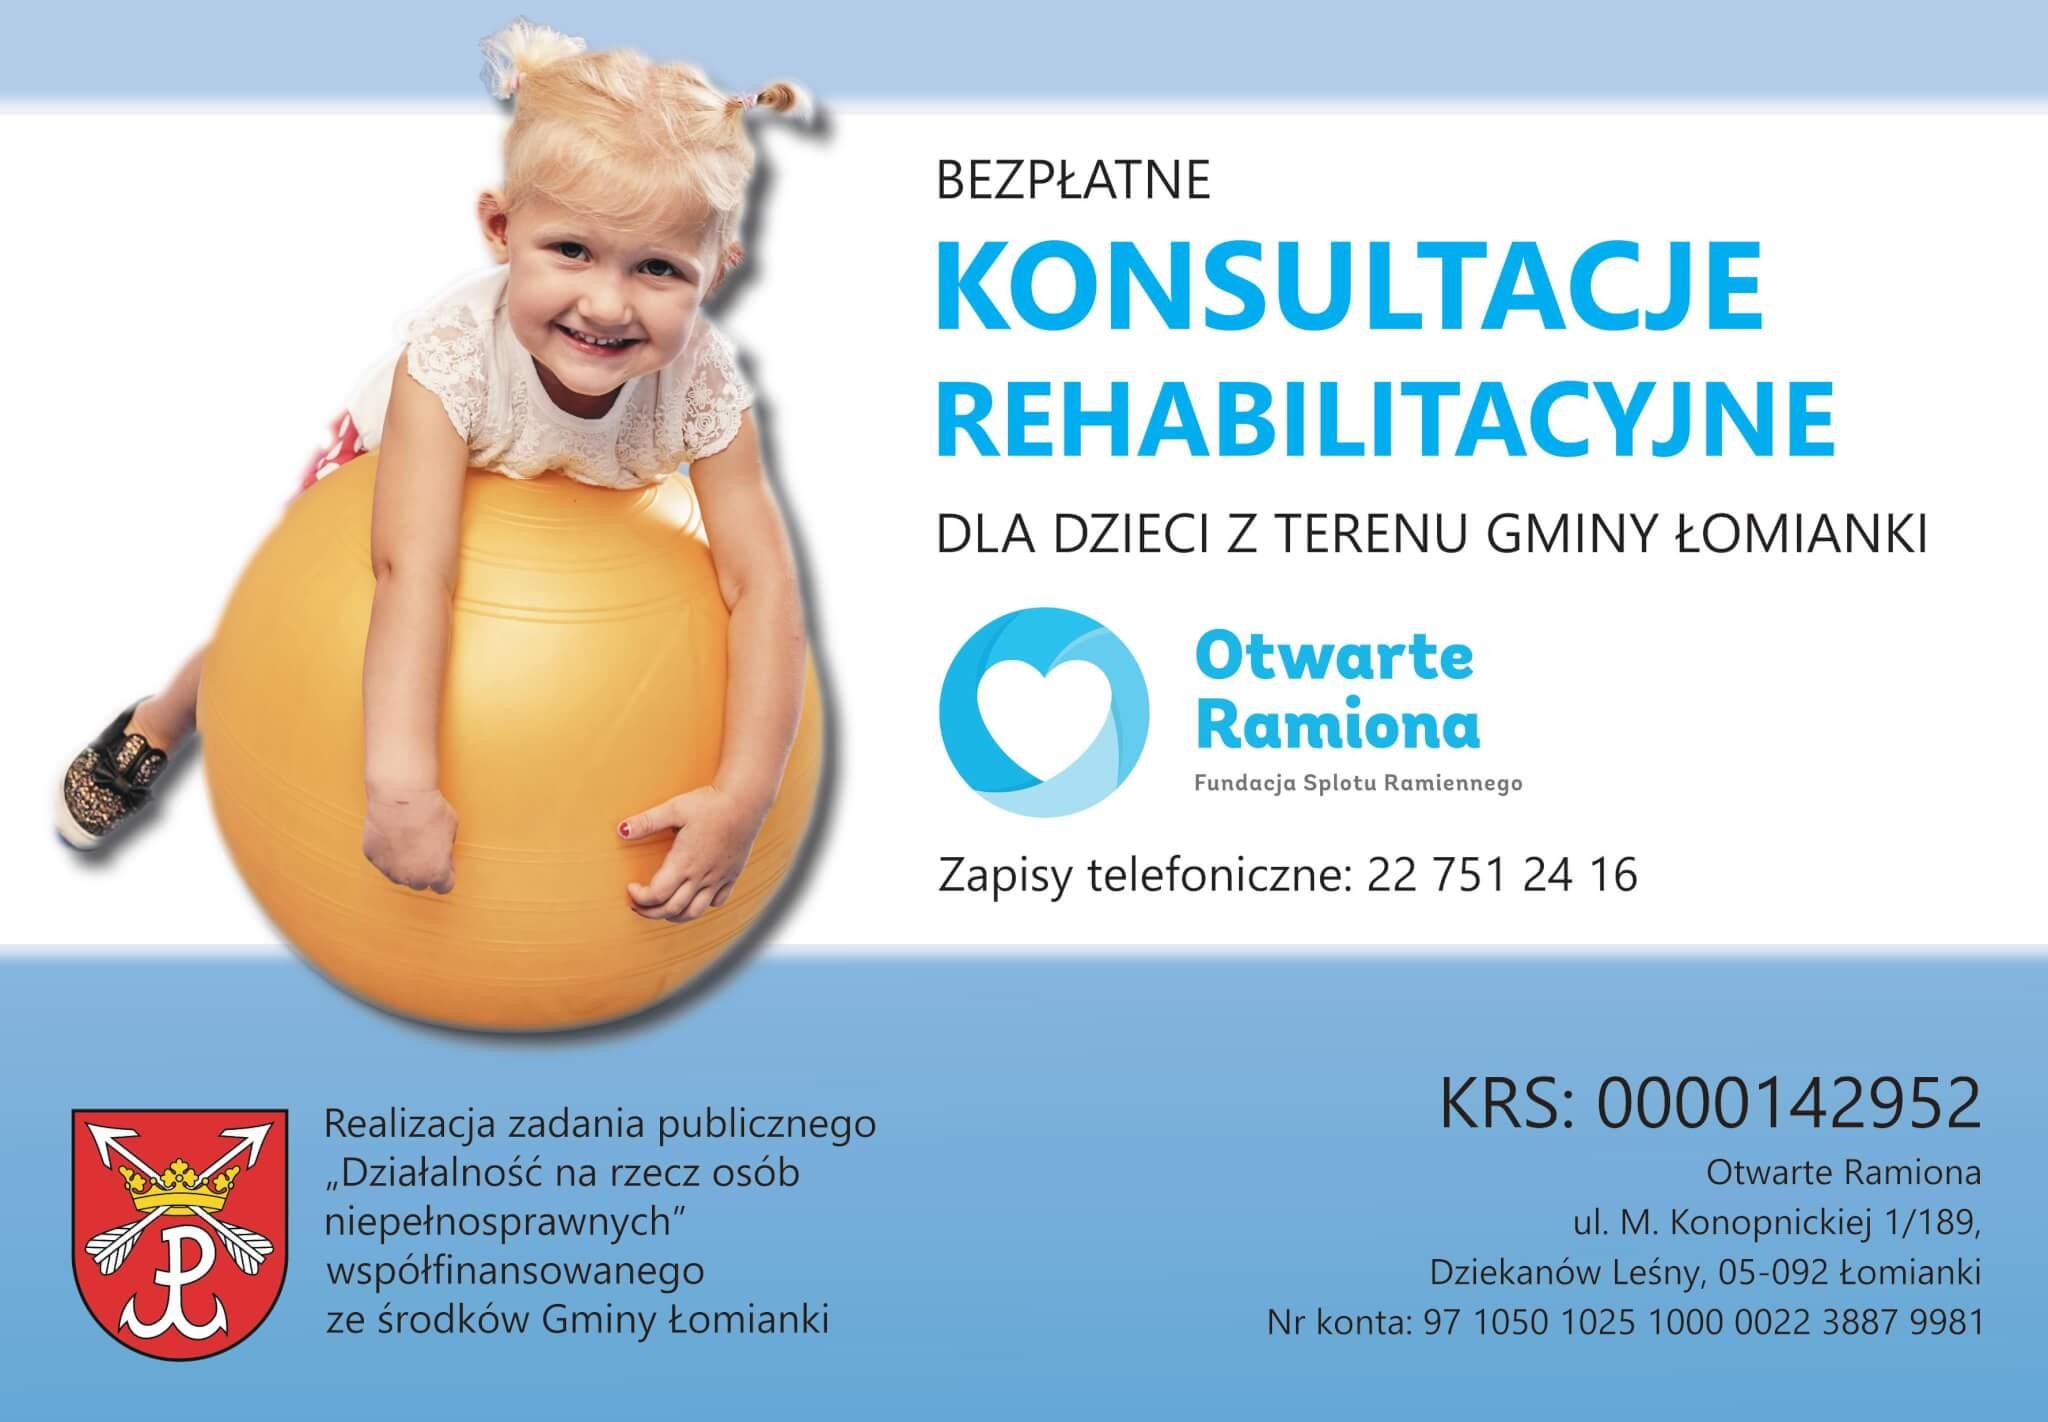 Bezpłatne konsultacje Łomianki; Fundacja Otwarte Ramiona